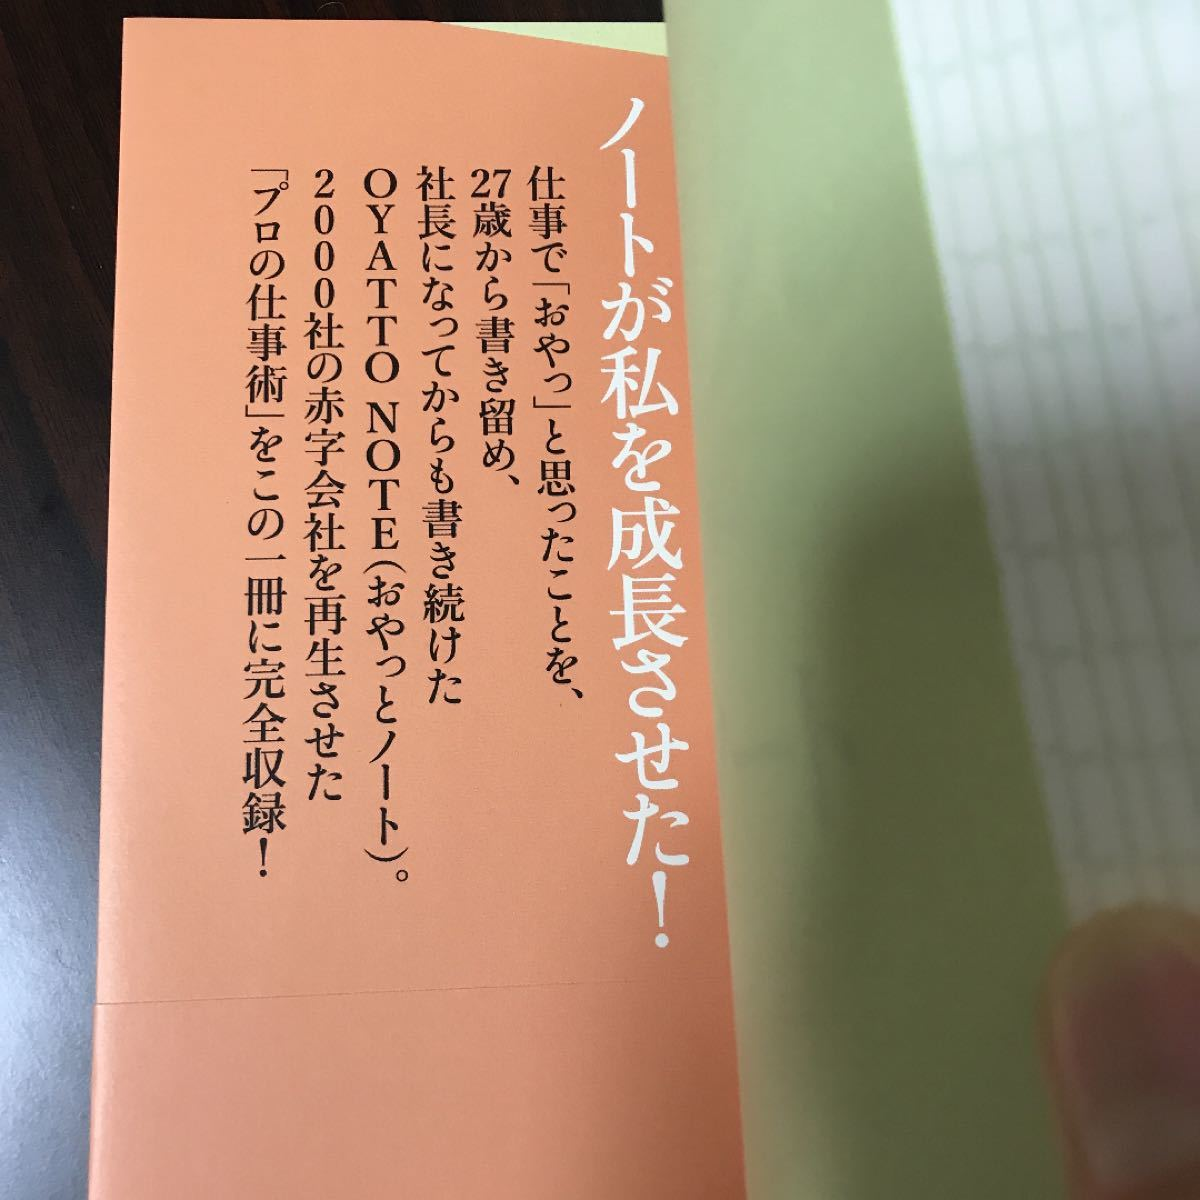 ビジネス本 2000社の赤字会社を黒字にした社長のノート : 「不確実な未来」を生きる術